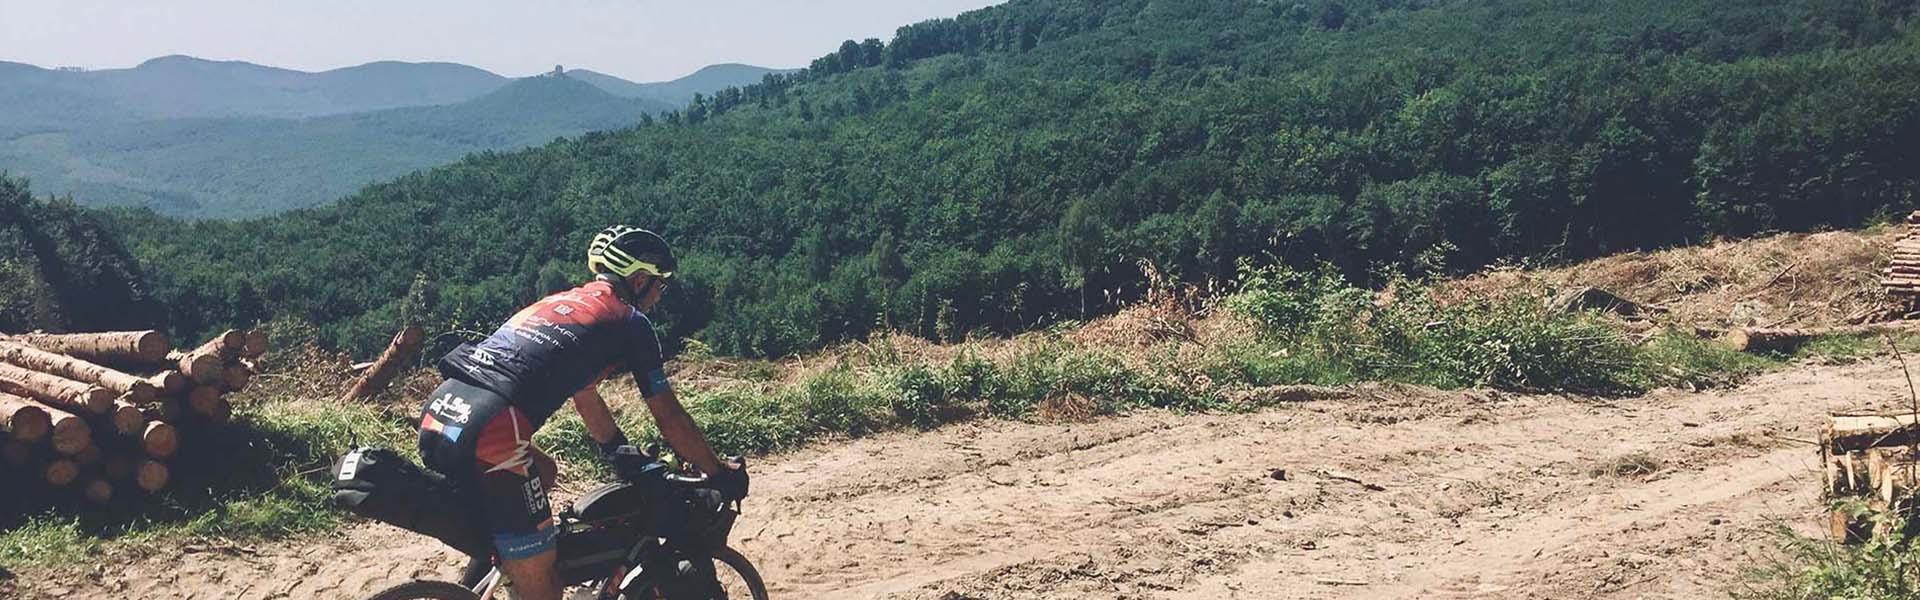 Európa egyik legkeményebb offroad kerékpártúrája van kialakulóban hazánkban - A Hungarian Divide